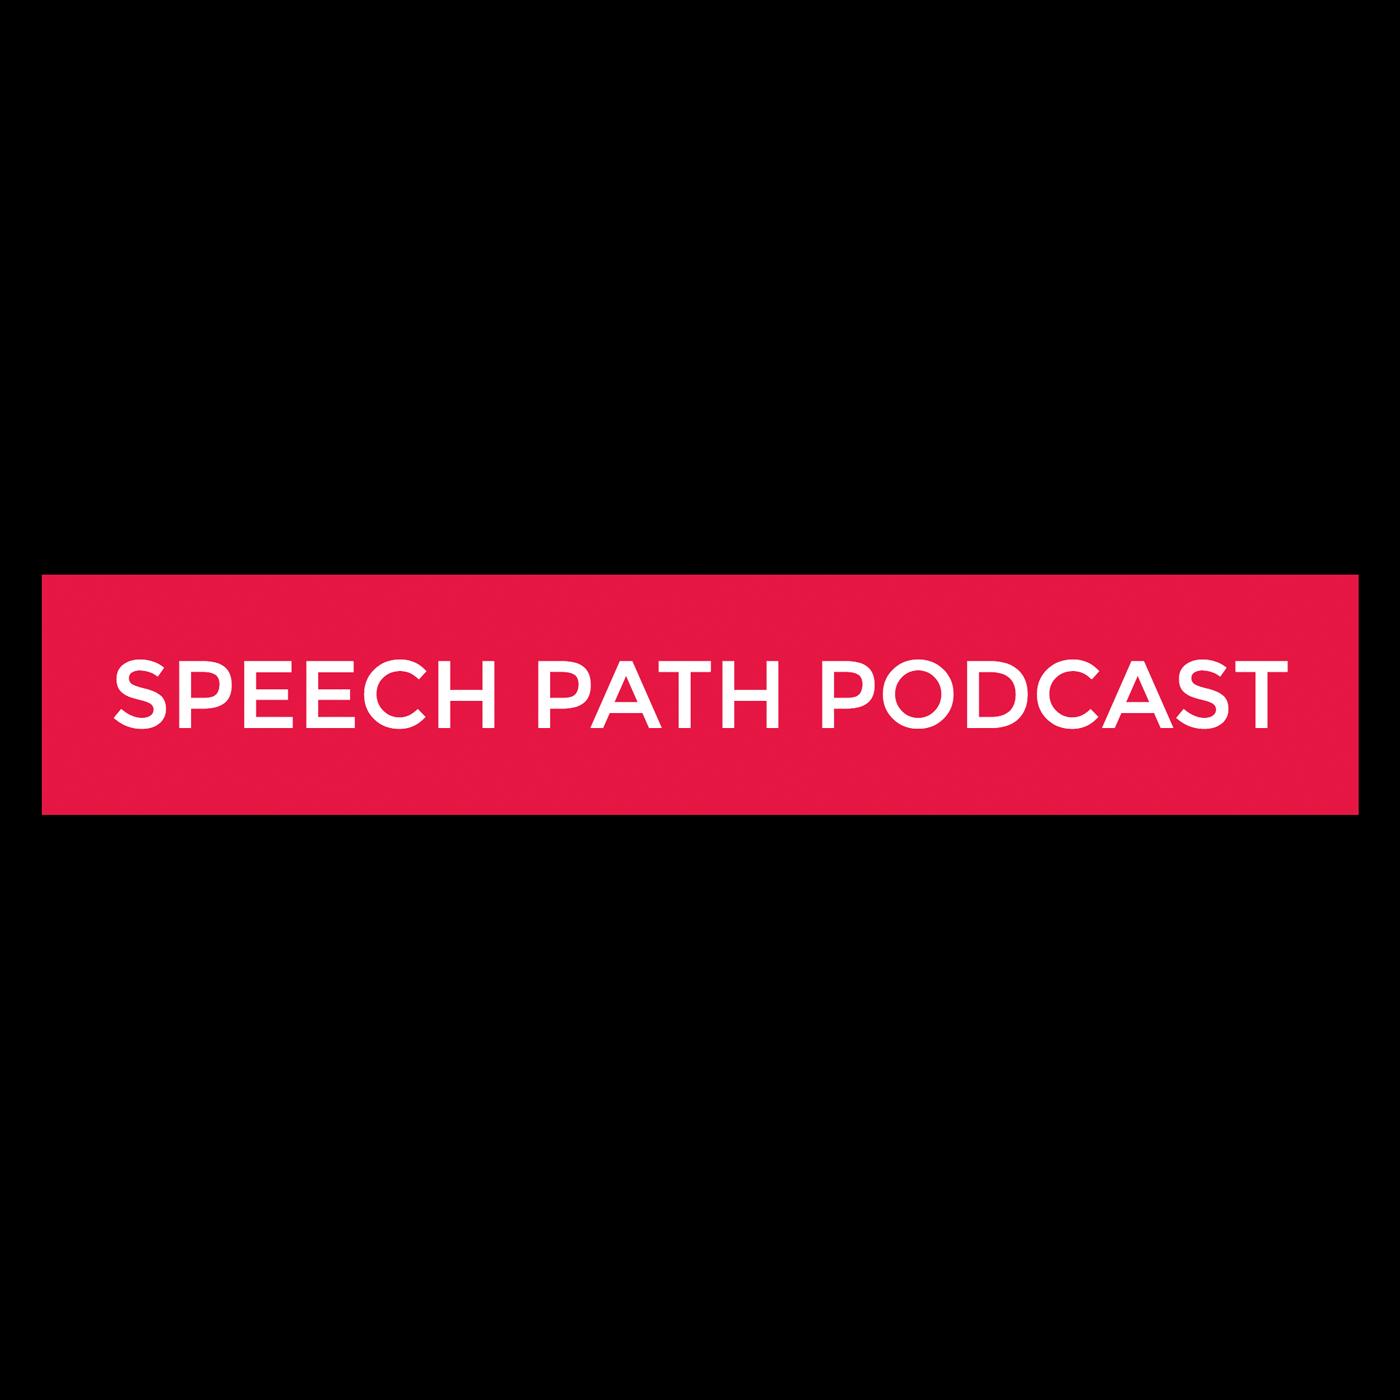 Speech Path Podcast